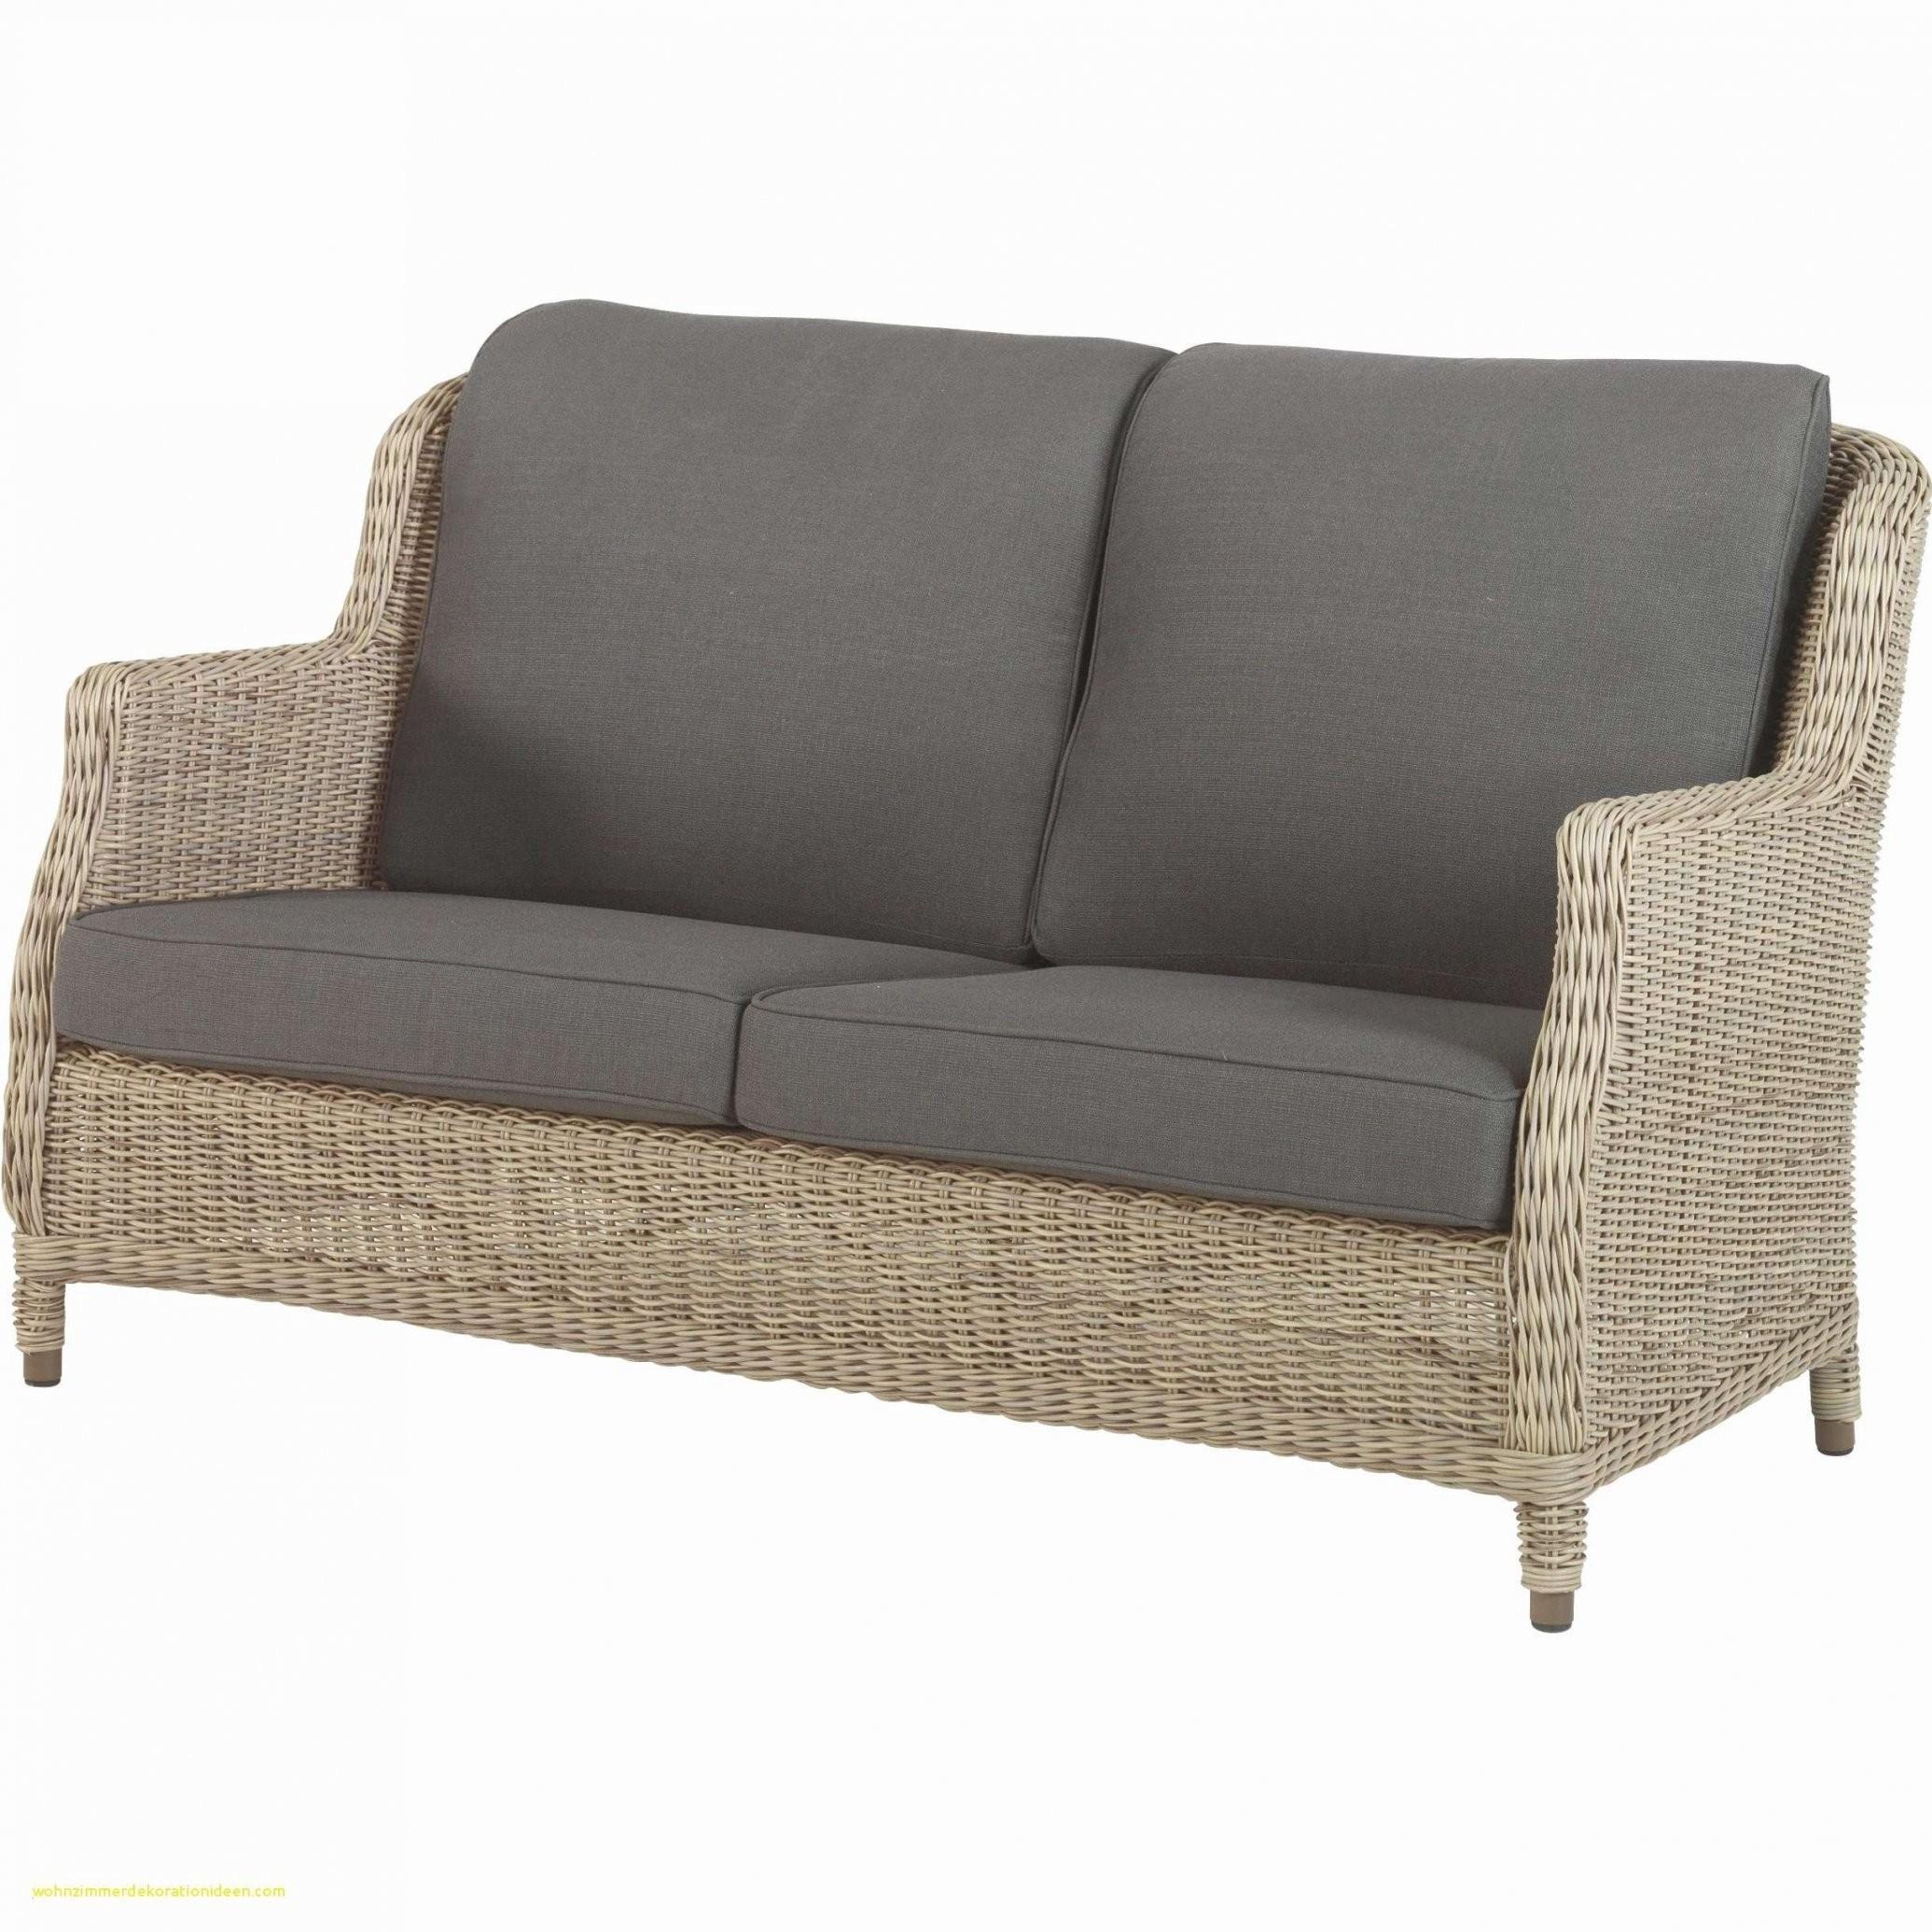 34 Schön 2 Sitzer Sofa Mit Schlaffunktion Bettkasten von 2 Sitzer Sofa Mit Schlaffunktion Bettkasten Bild